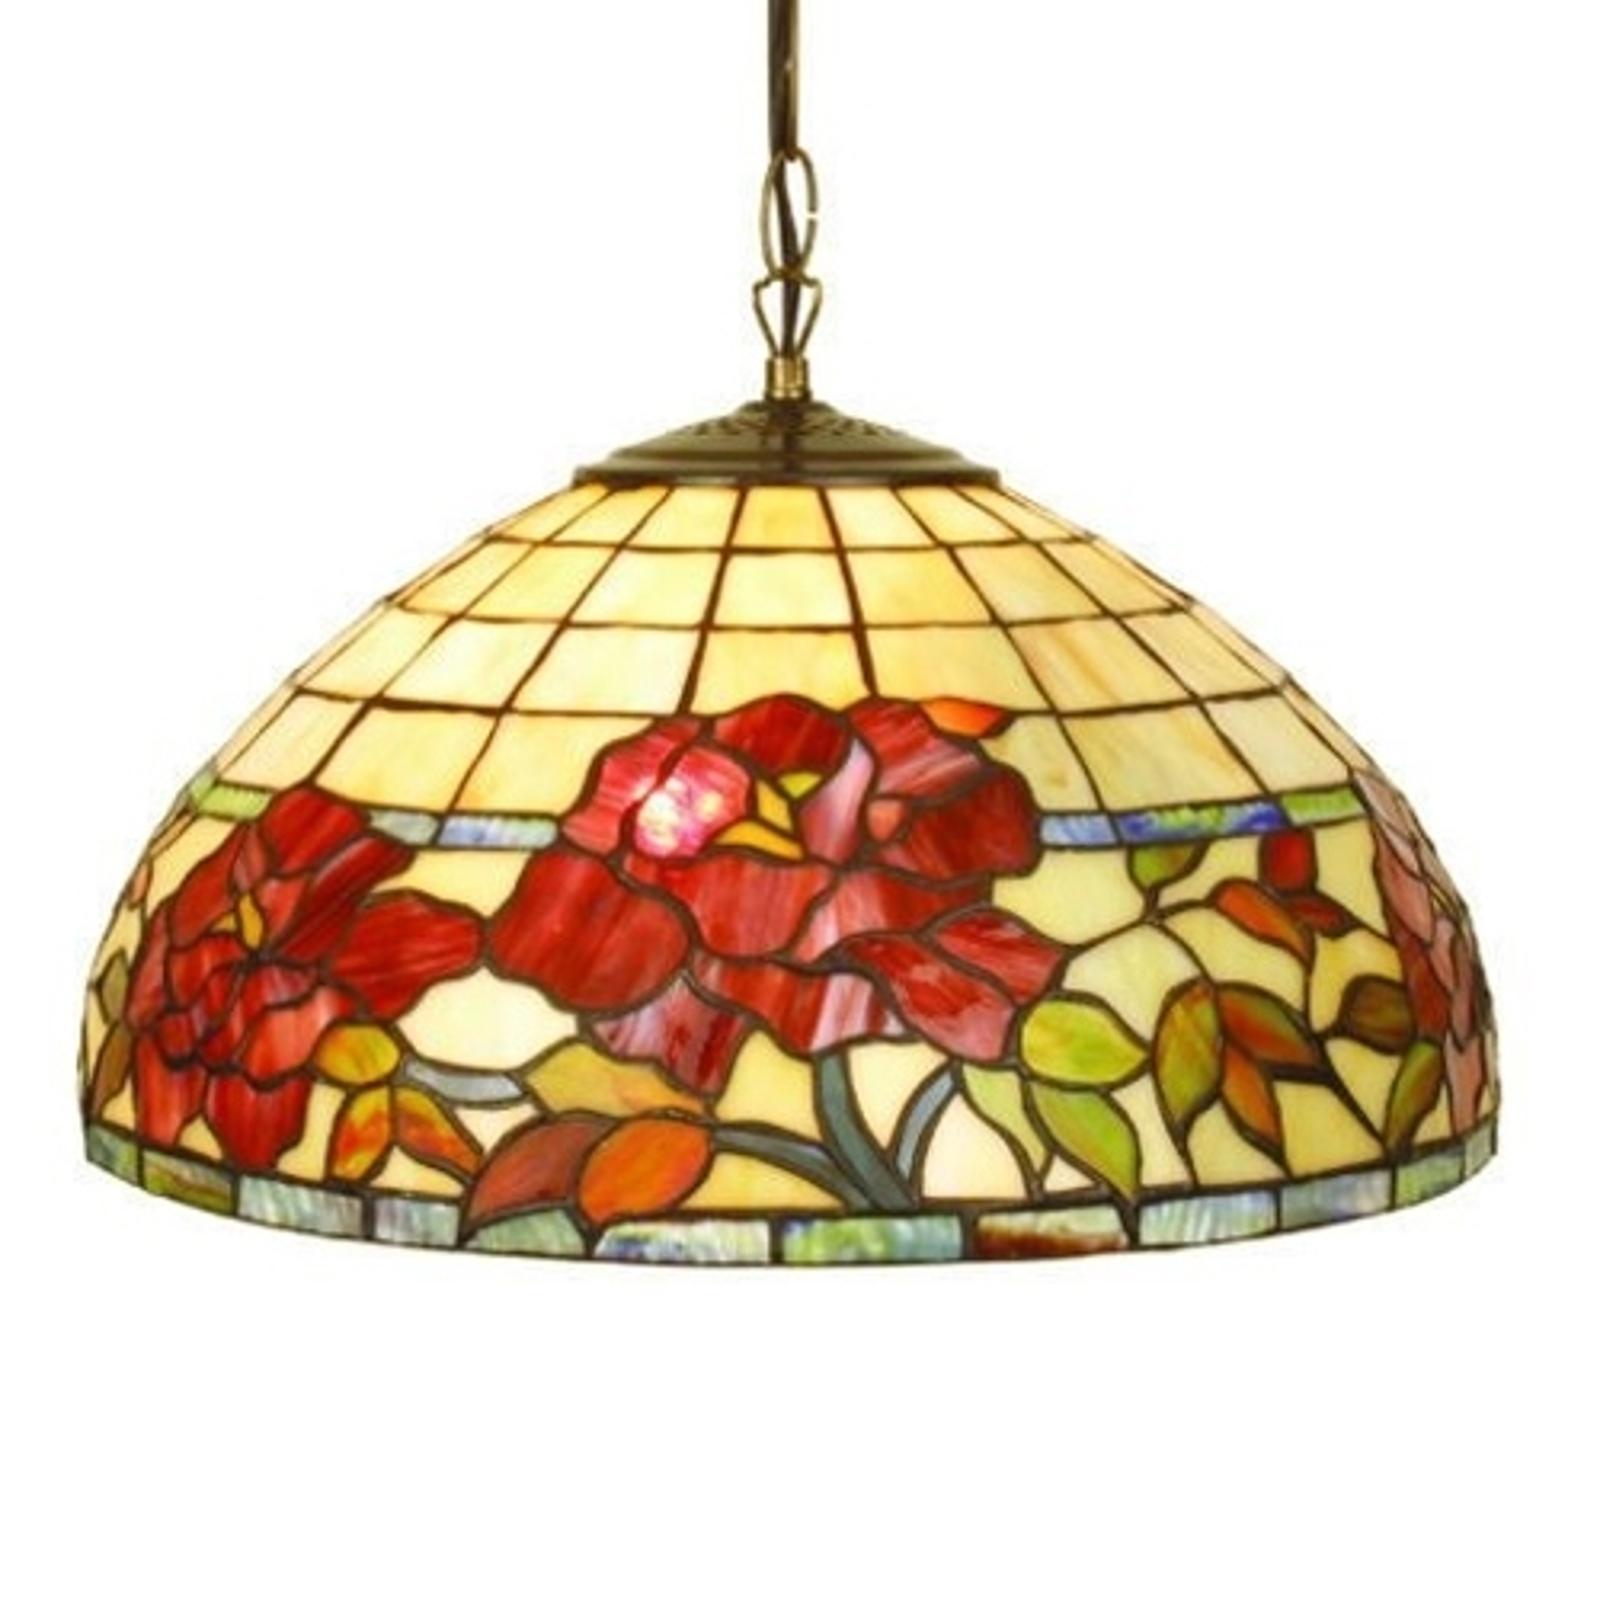 ESMEE kunstzinnige hanglamp 1-lichts